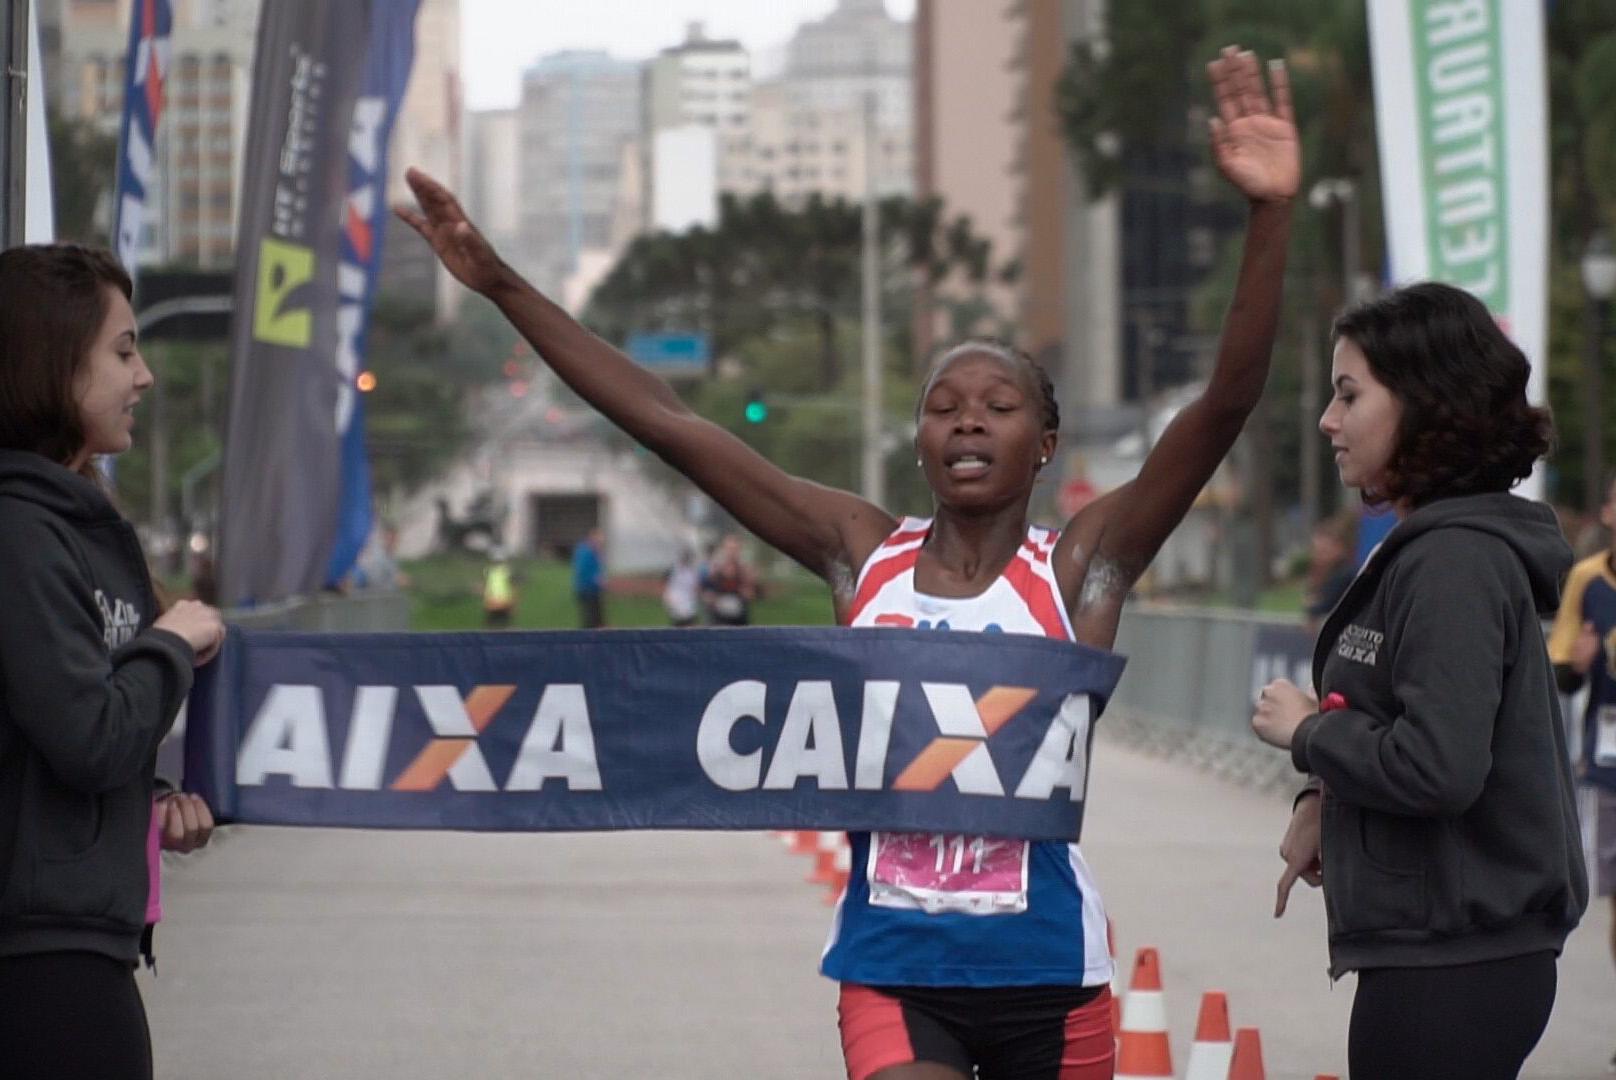 São Paulo recebe o Circuito CAIXA neste domingo (21), com largada no Pacaembu